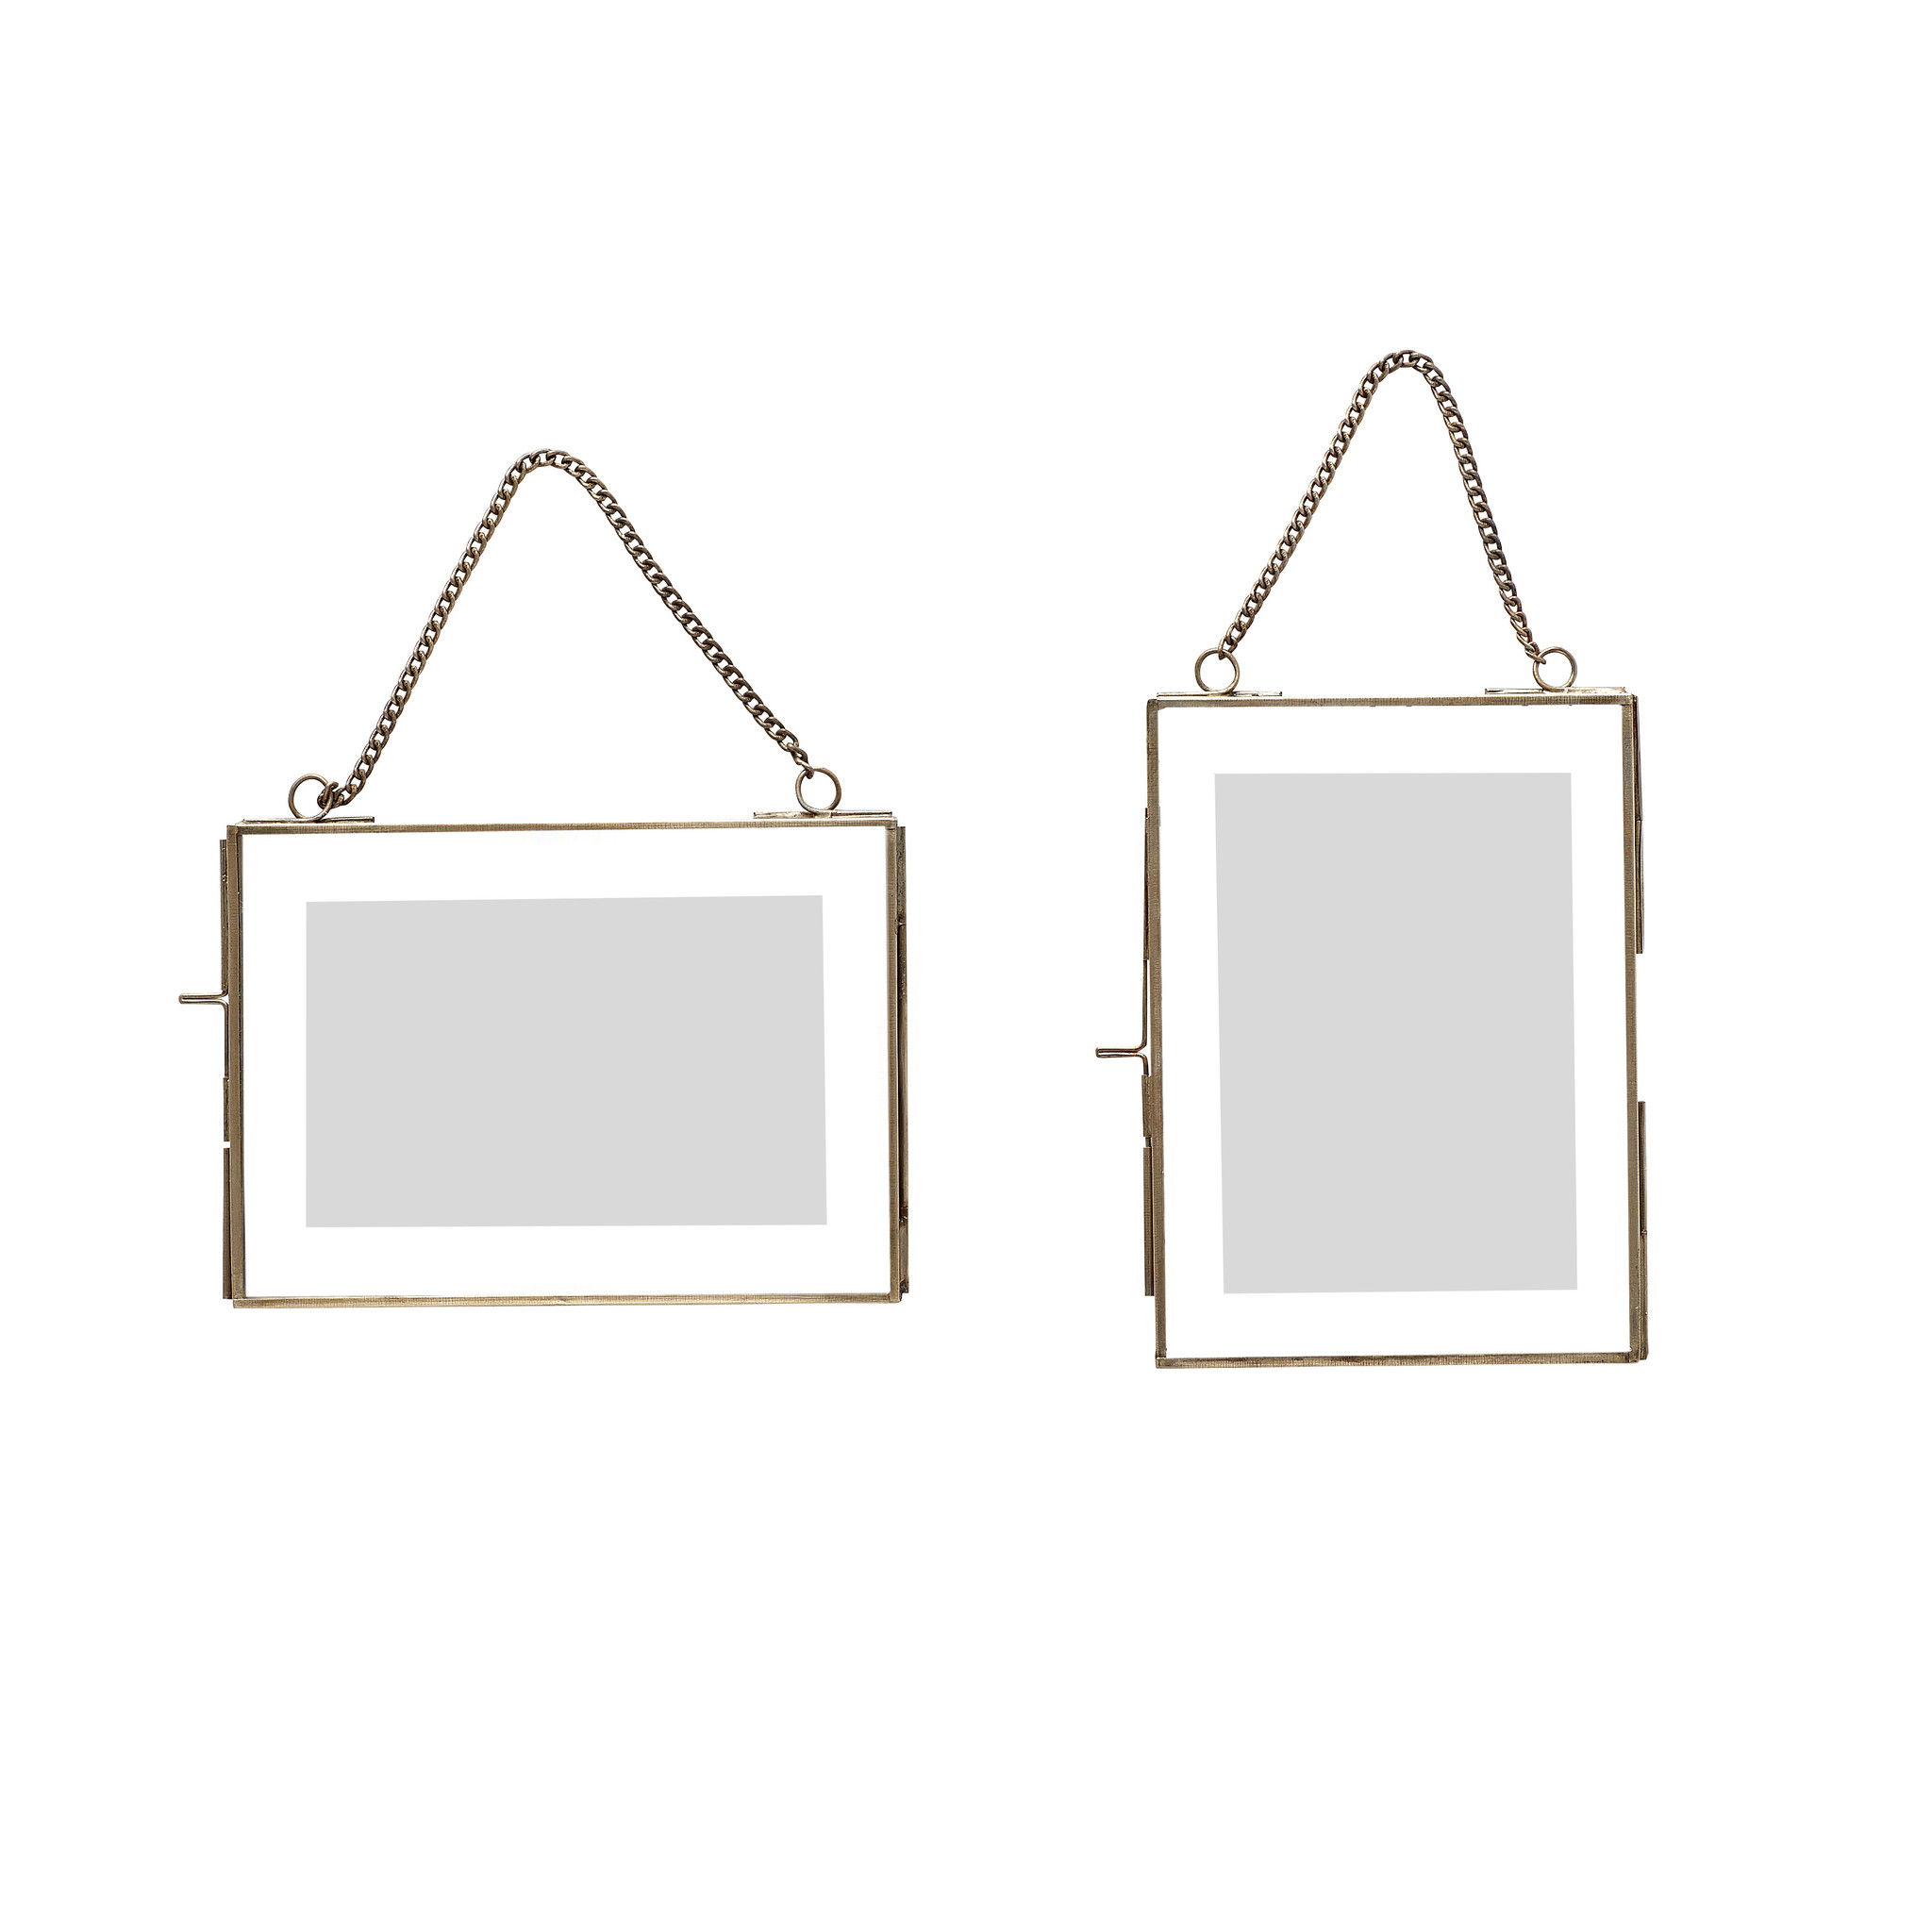 Hubsch Glaslijst, antiek, set van 2, zonder foto-407016-5712772033401